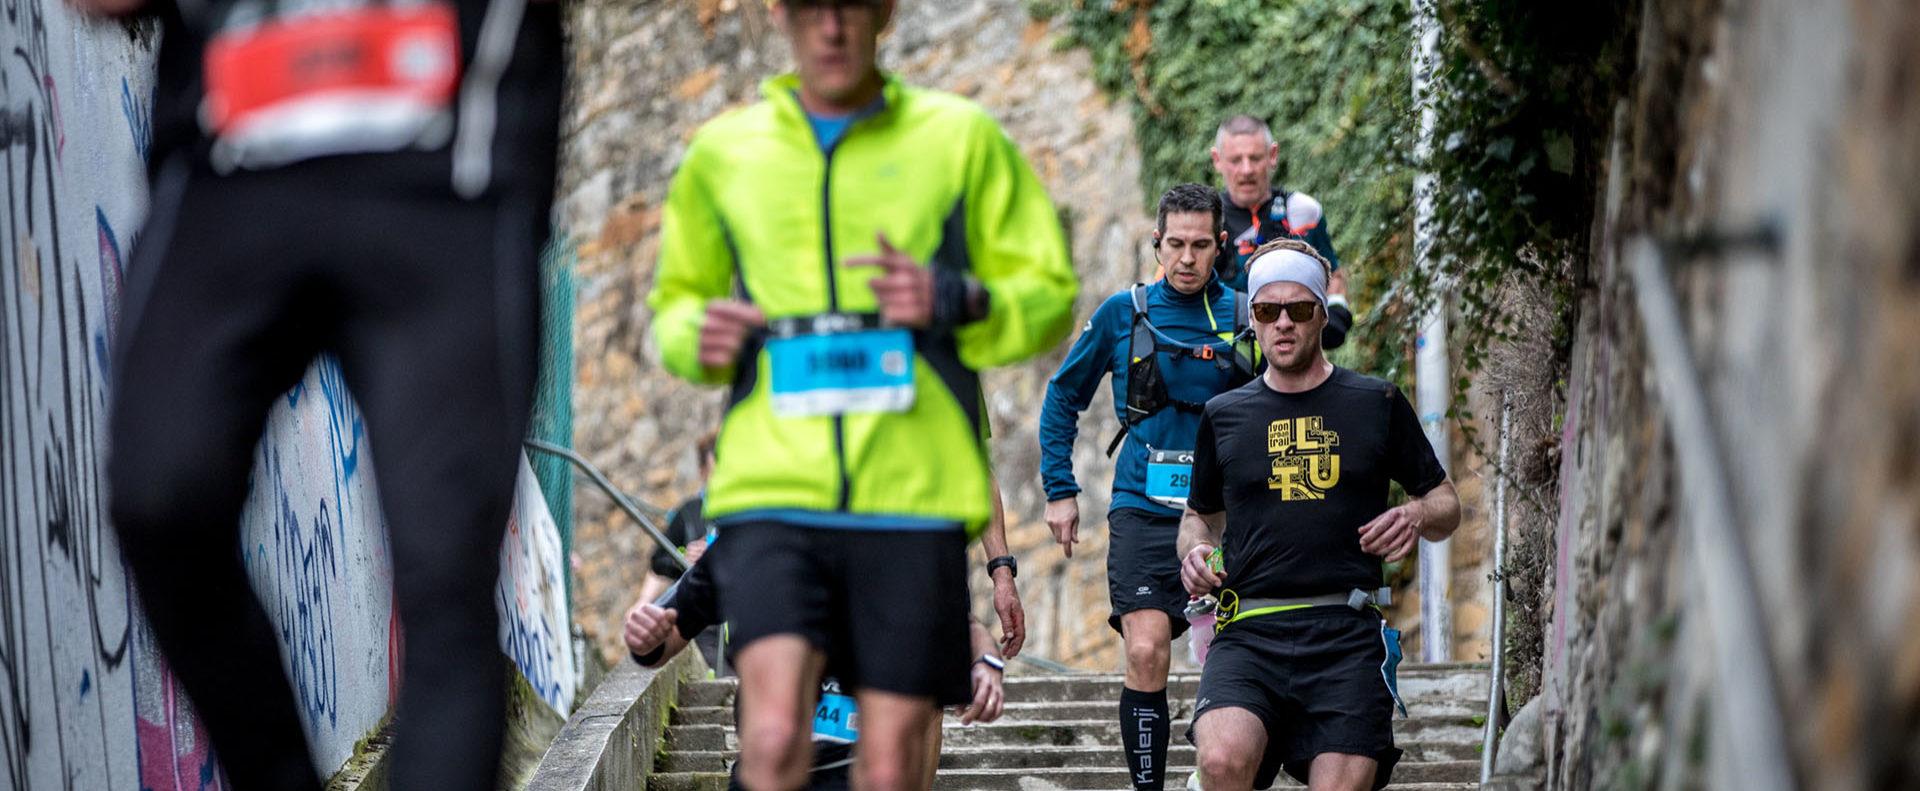 Lyon Urban Trail 2018-WAMM-Gilles Reboisson-2 (10)